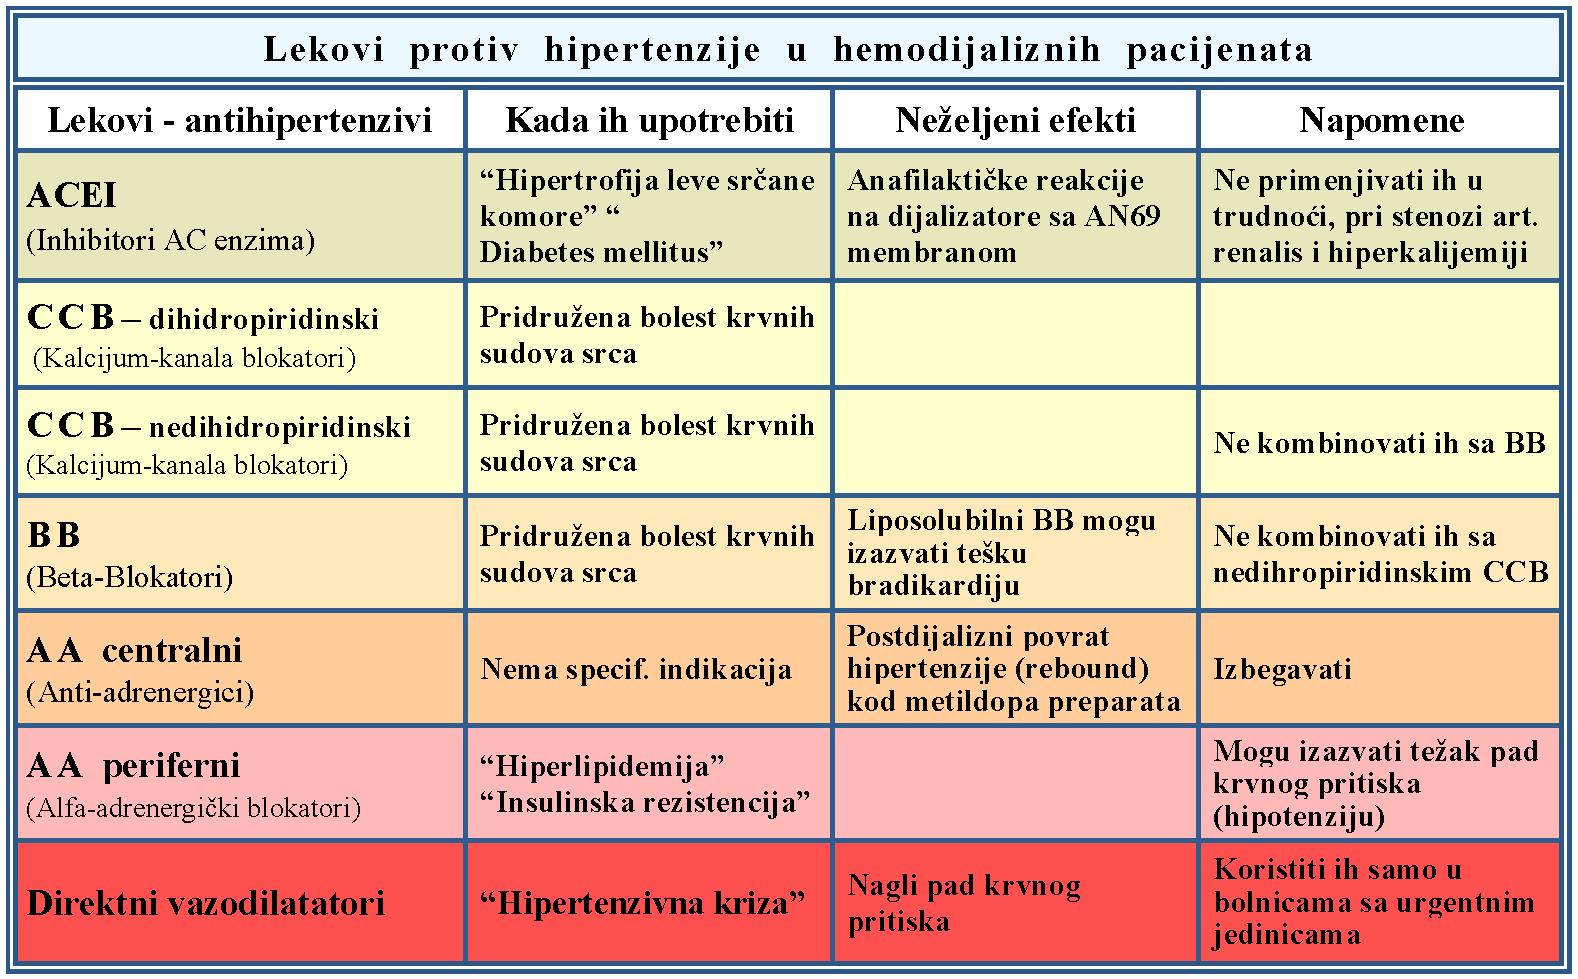 standardi za hipertenziju pravila prijem za hipertenziju medicine